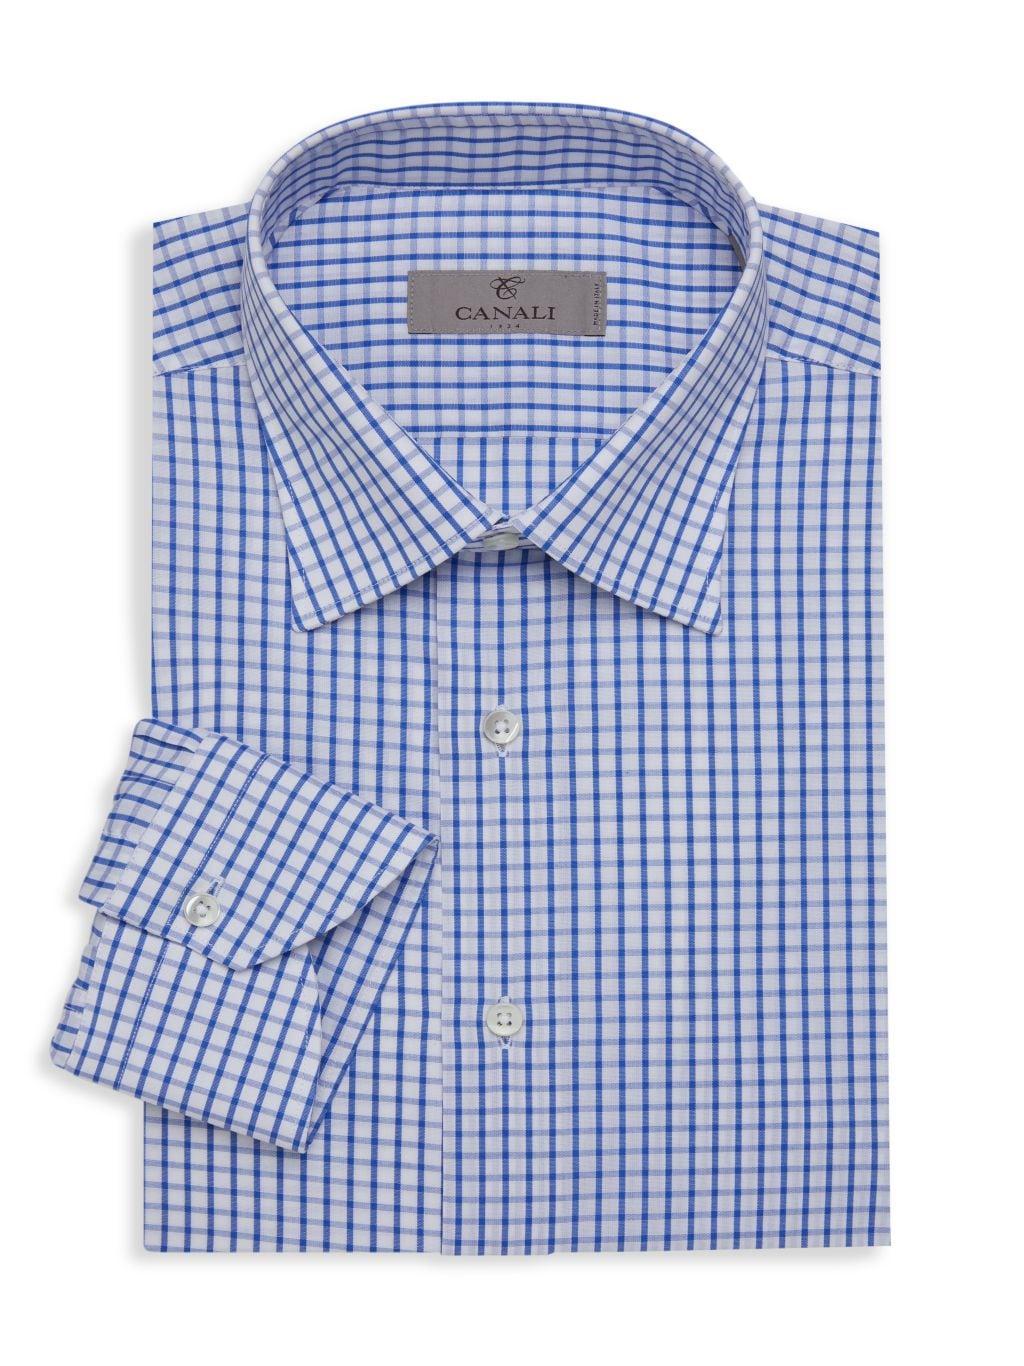 Canali Check Dress Shirt